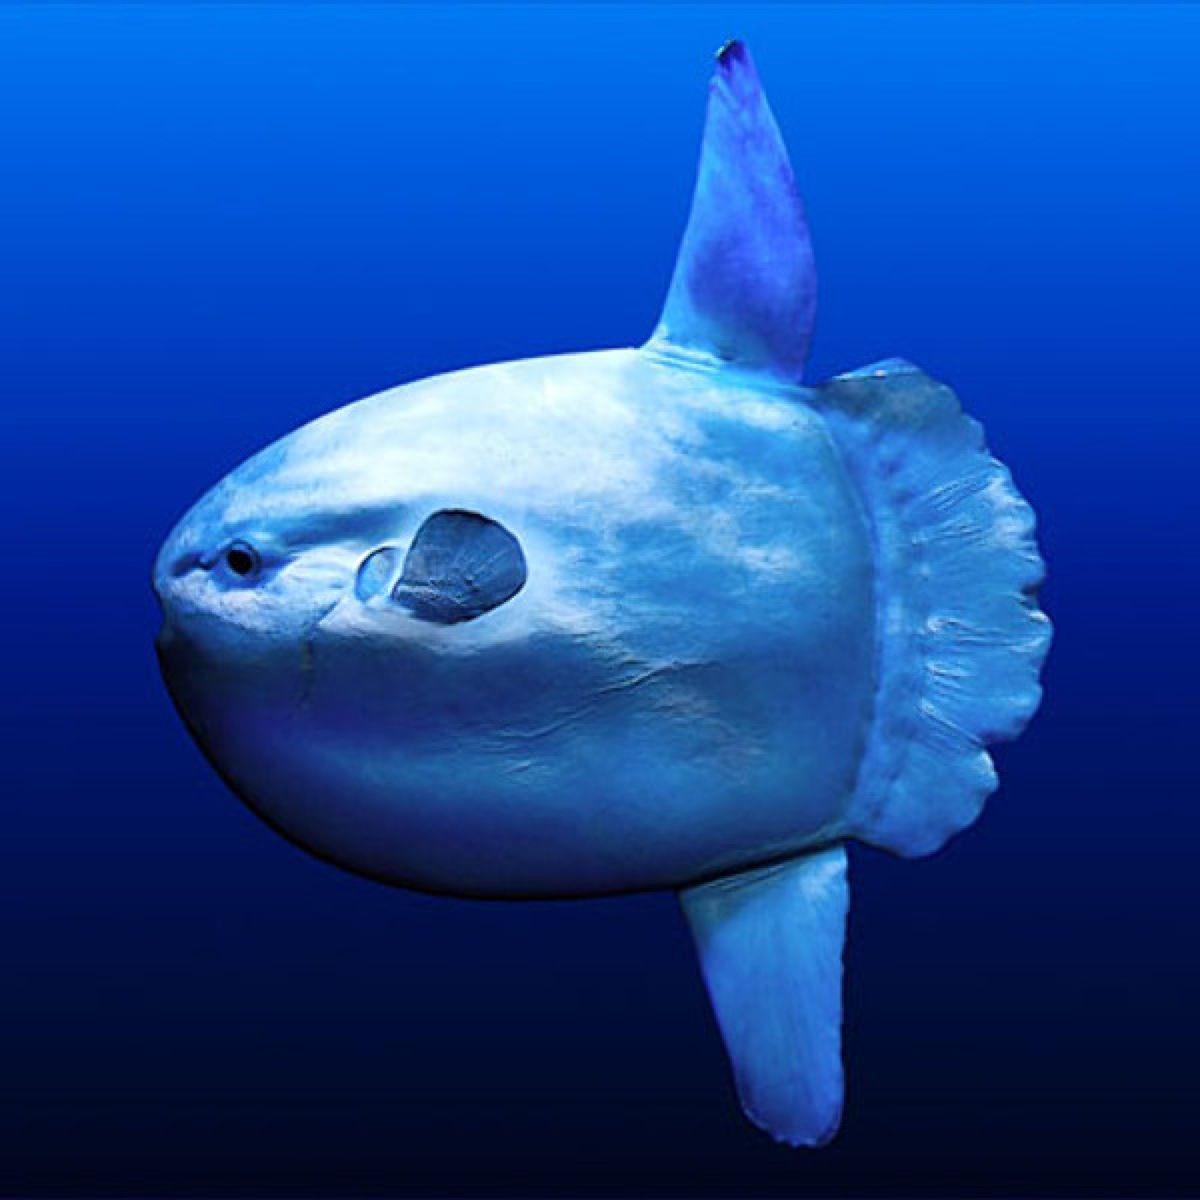 Ocean Sunfish Meerestiere Tiefsee Mondfisch